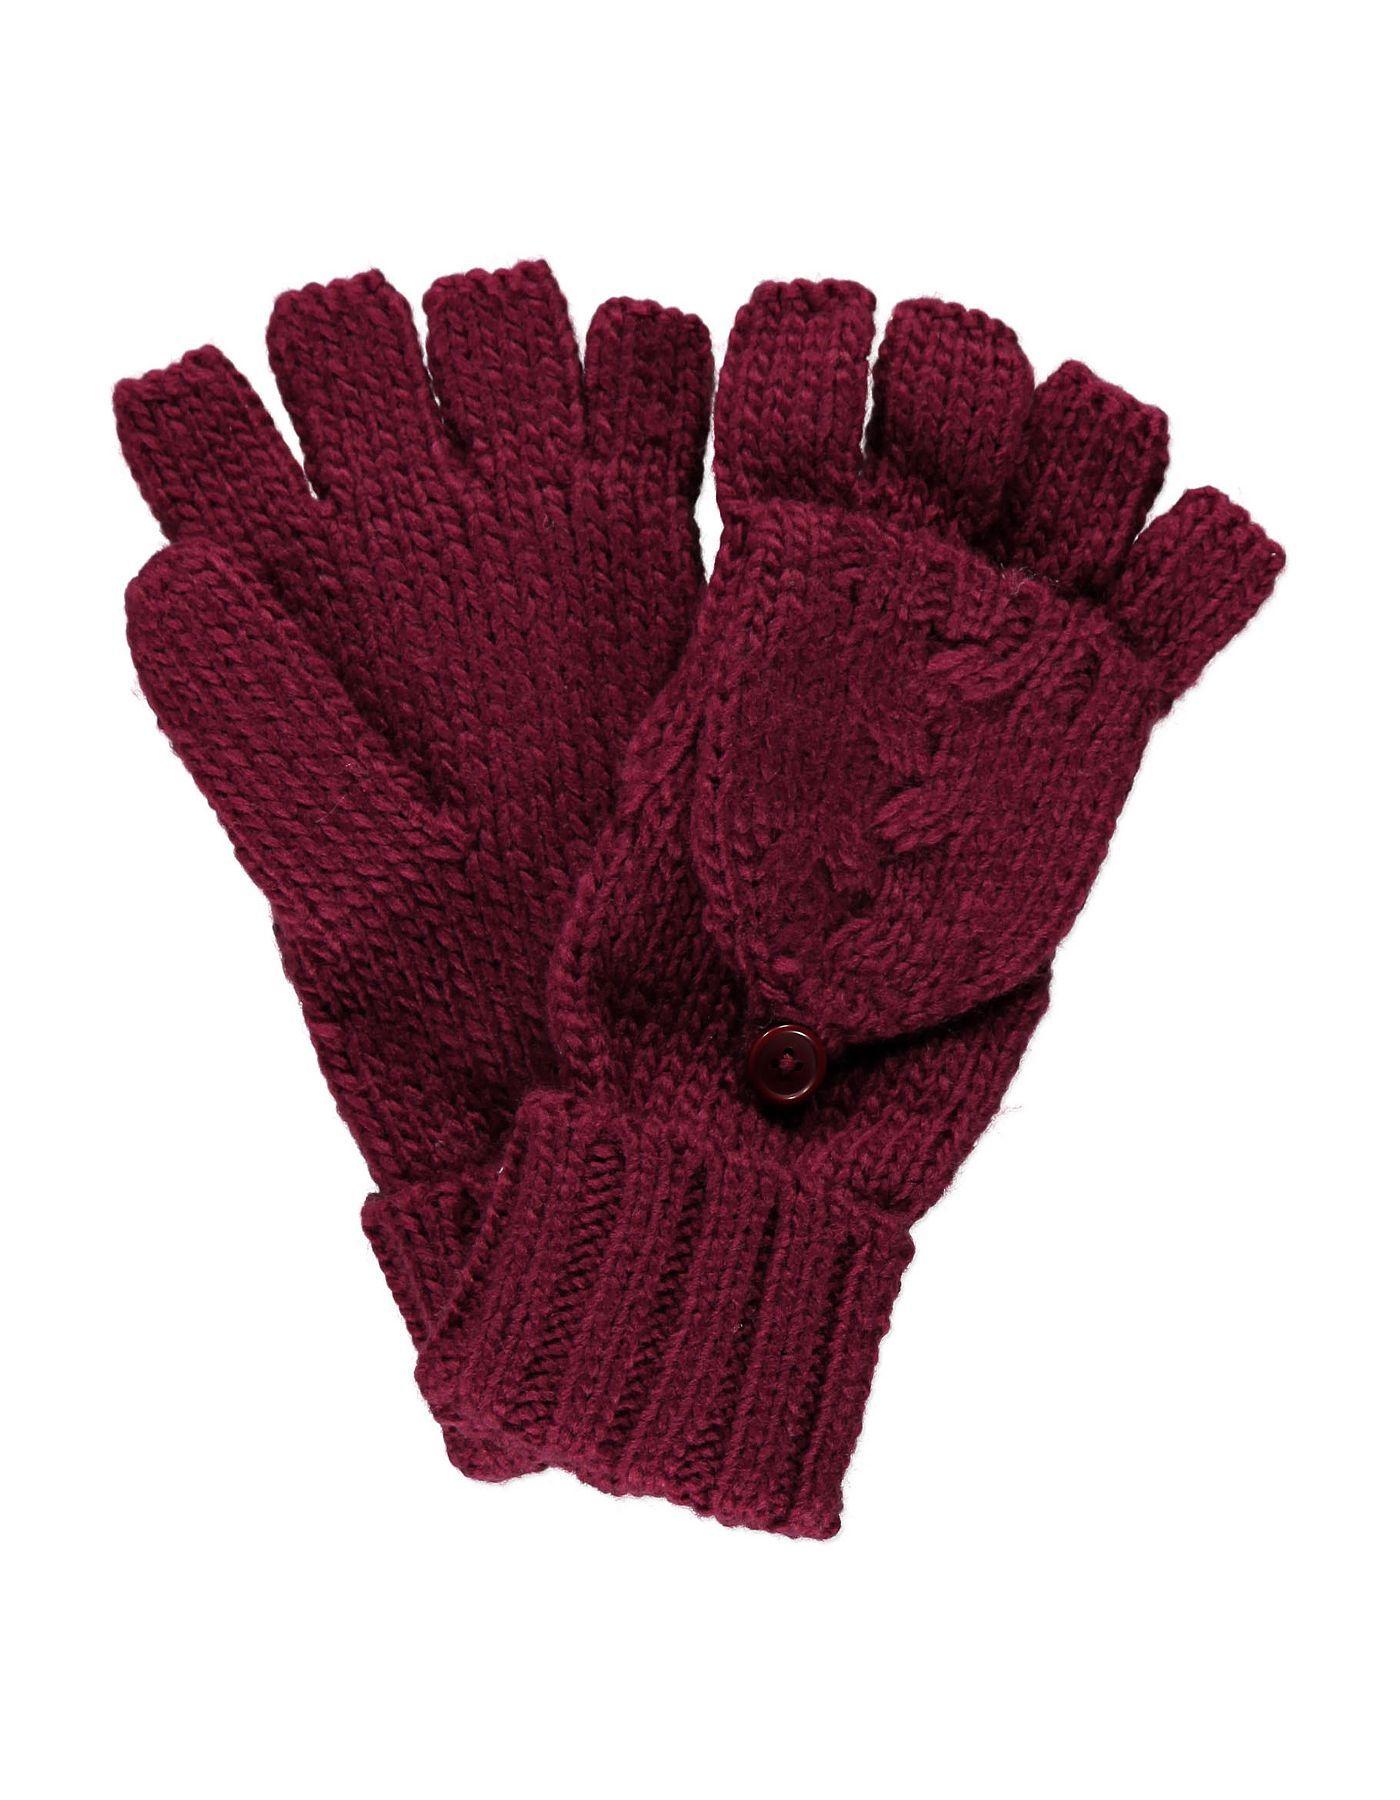 Fingerless gloves asda -